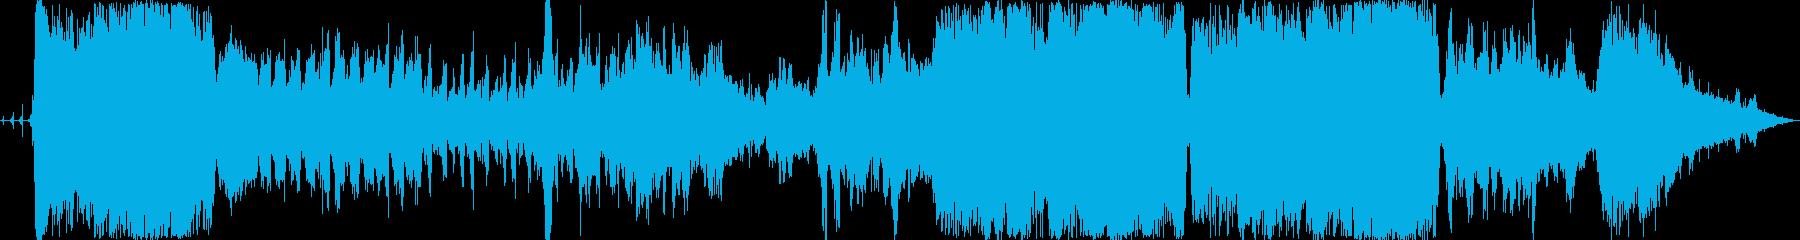 ノイズ作品です。自然音が主体になってい…の再生済みの波形